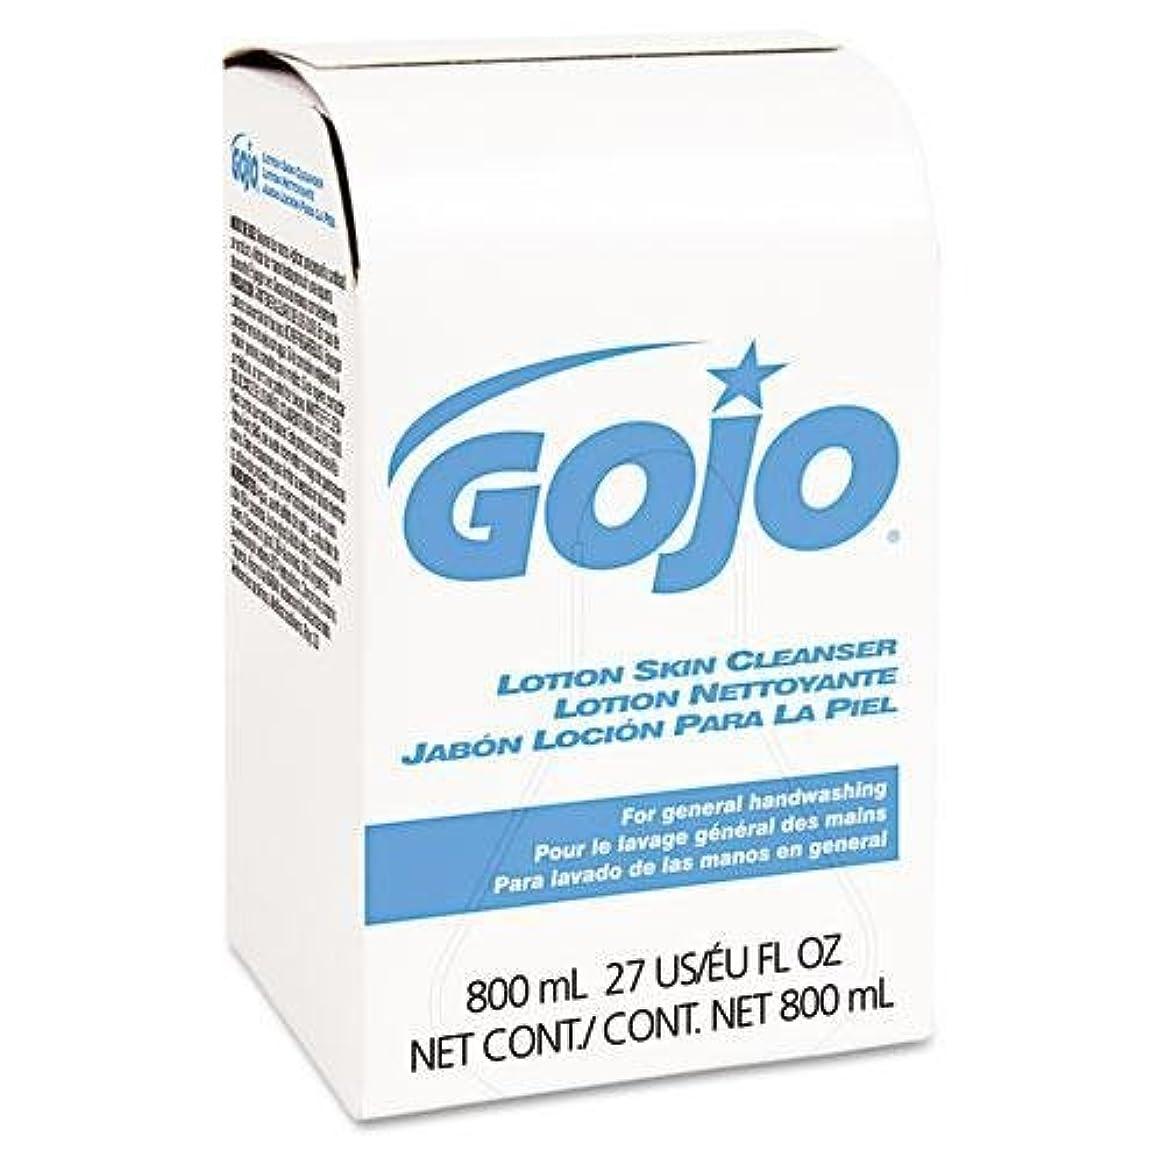 違反する合成連続的goj911212 – GOJOローションスキンソープディスペンサー詰め替え